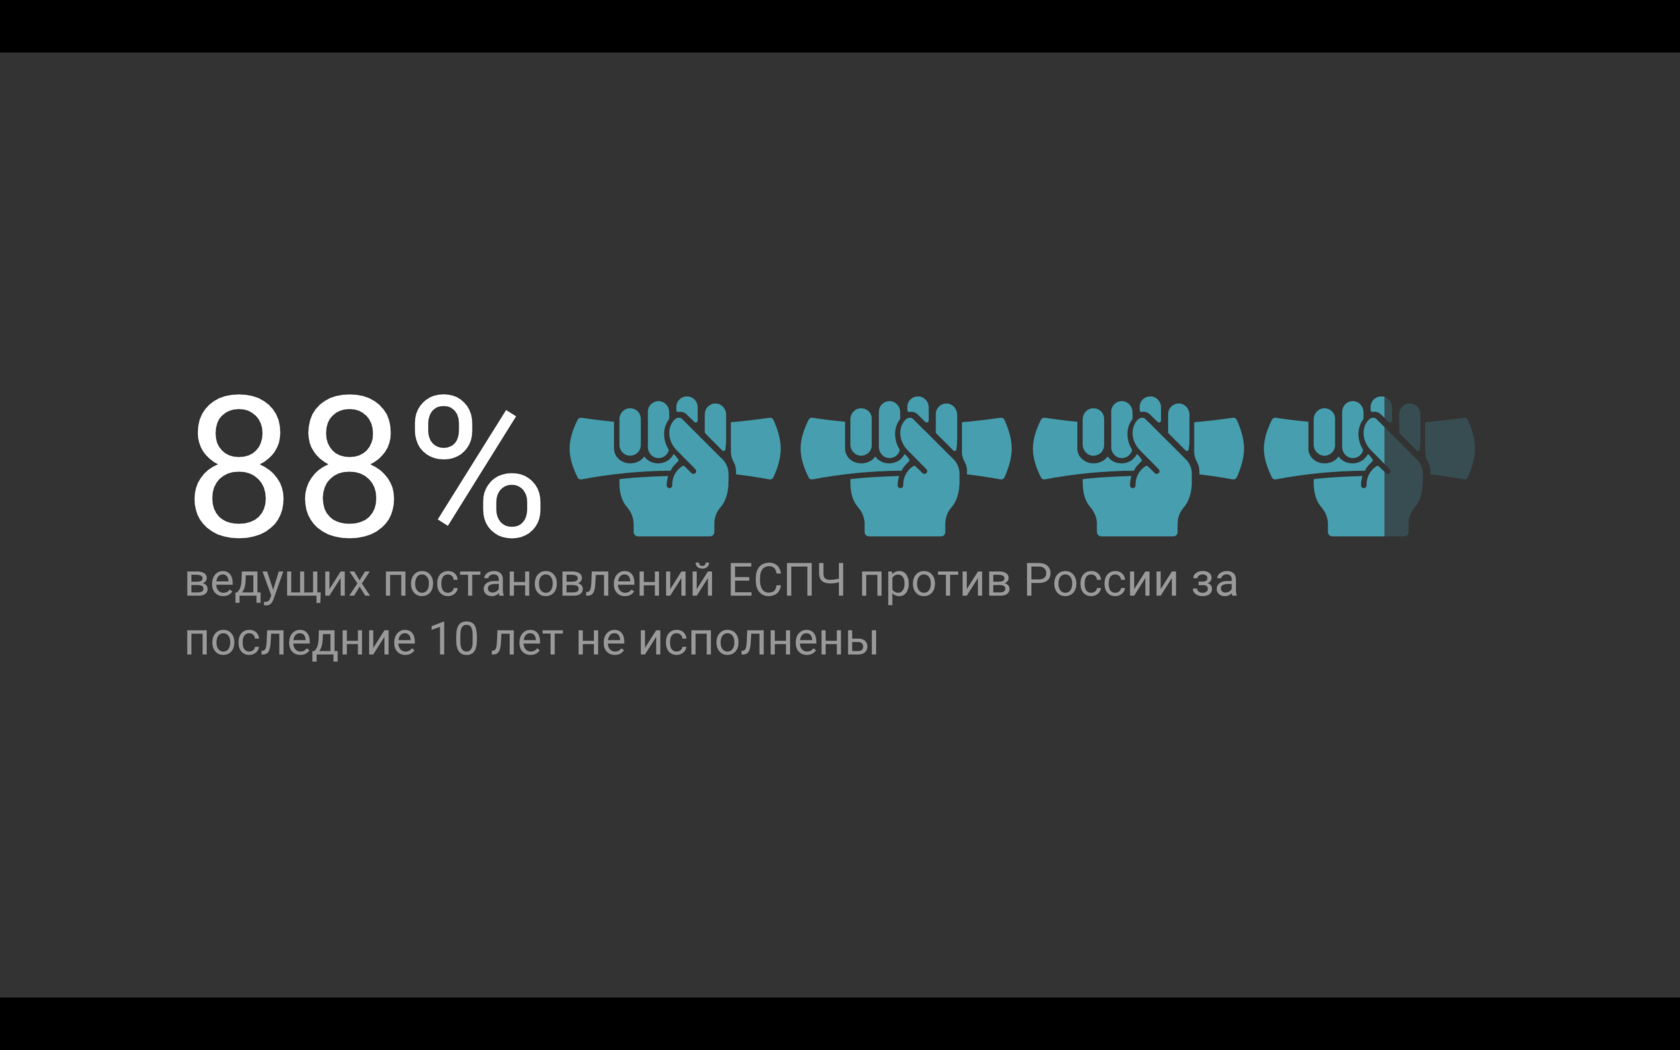 Как Россия исполняет постановления ЕСПЧ по вашим делам